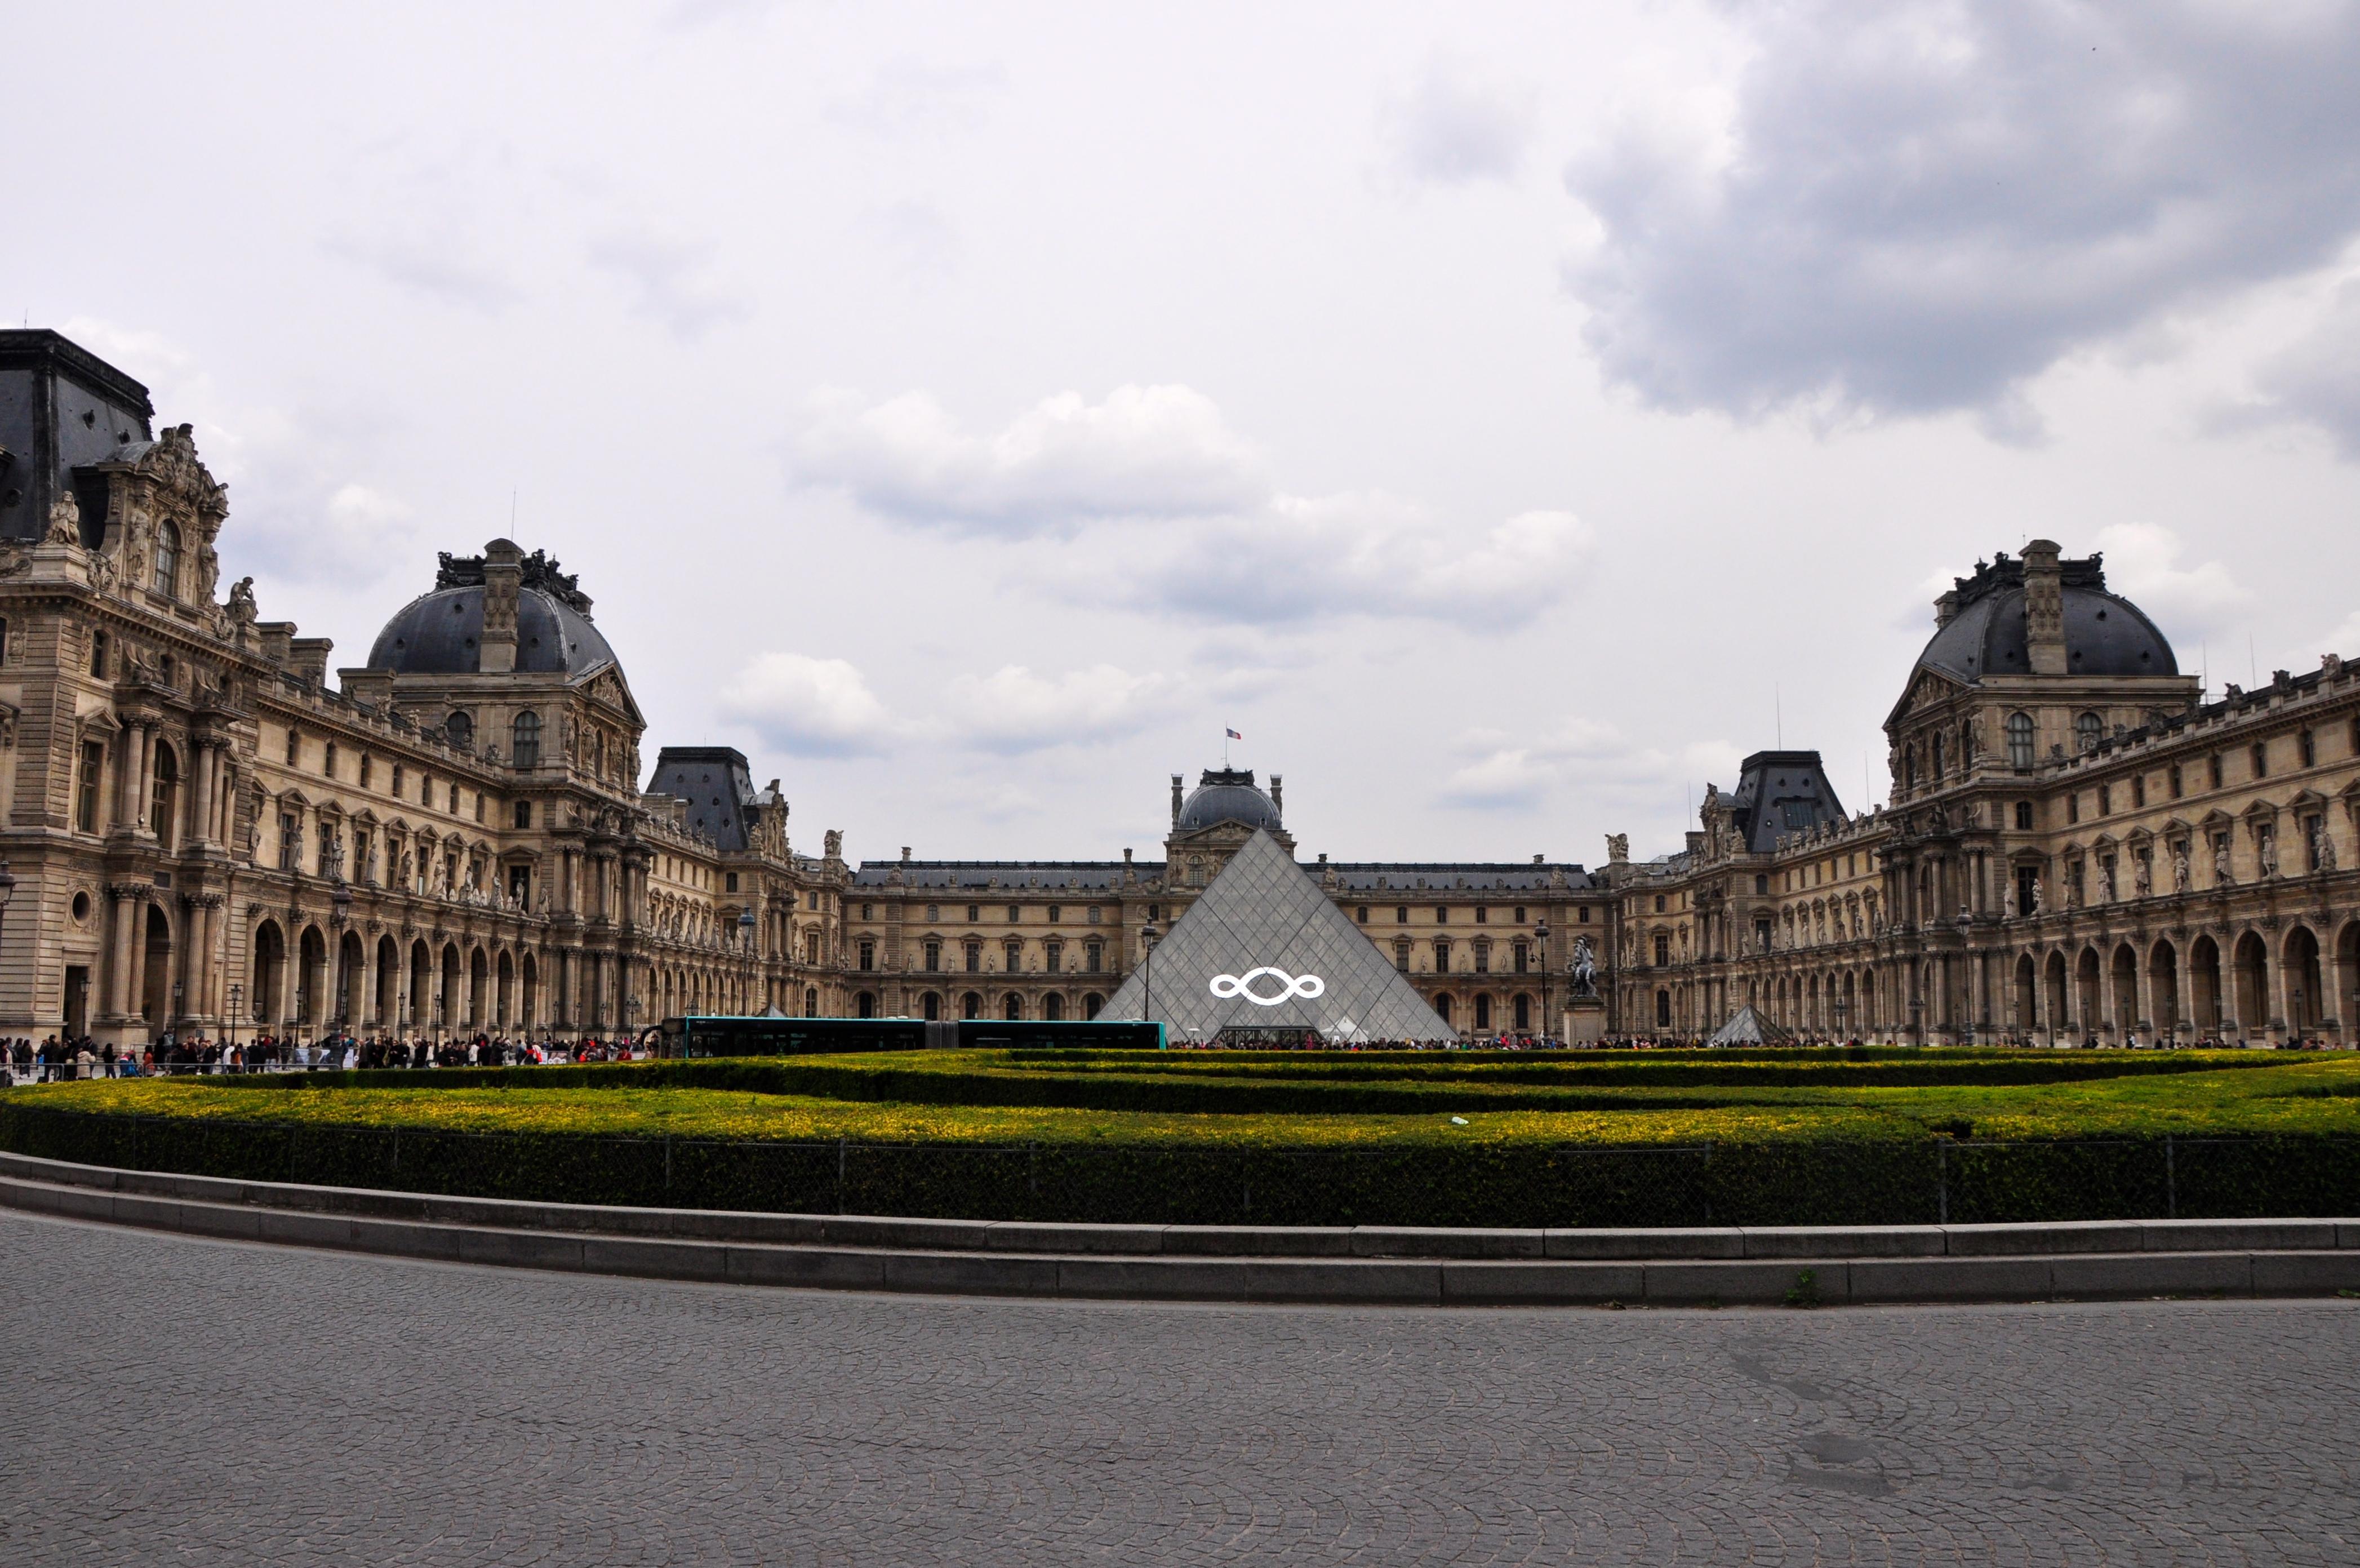 Chegando ao Museu do Louvre